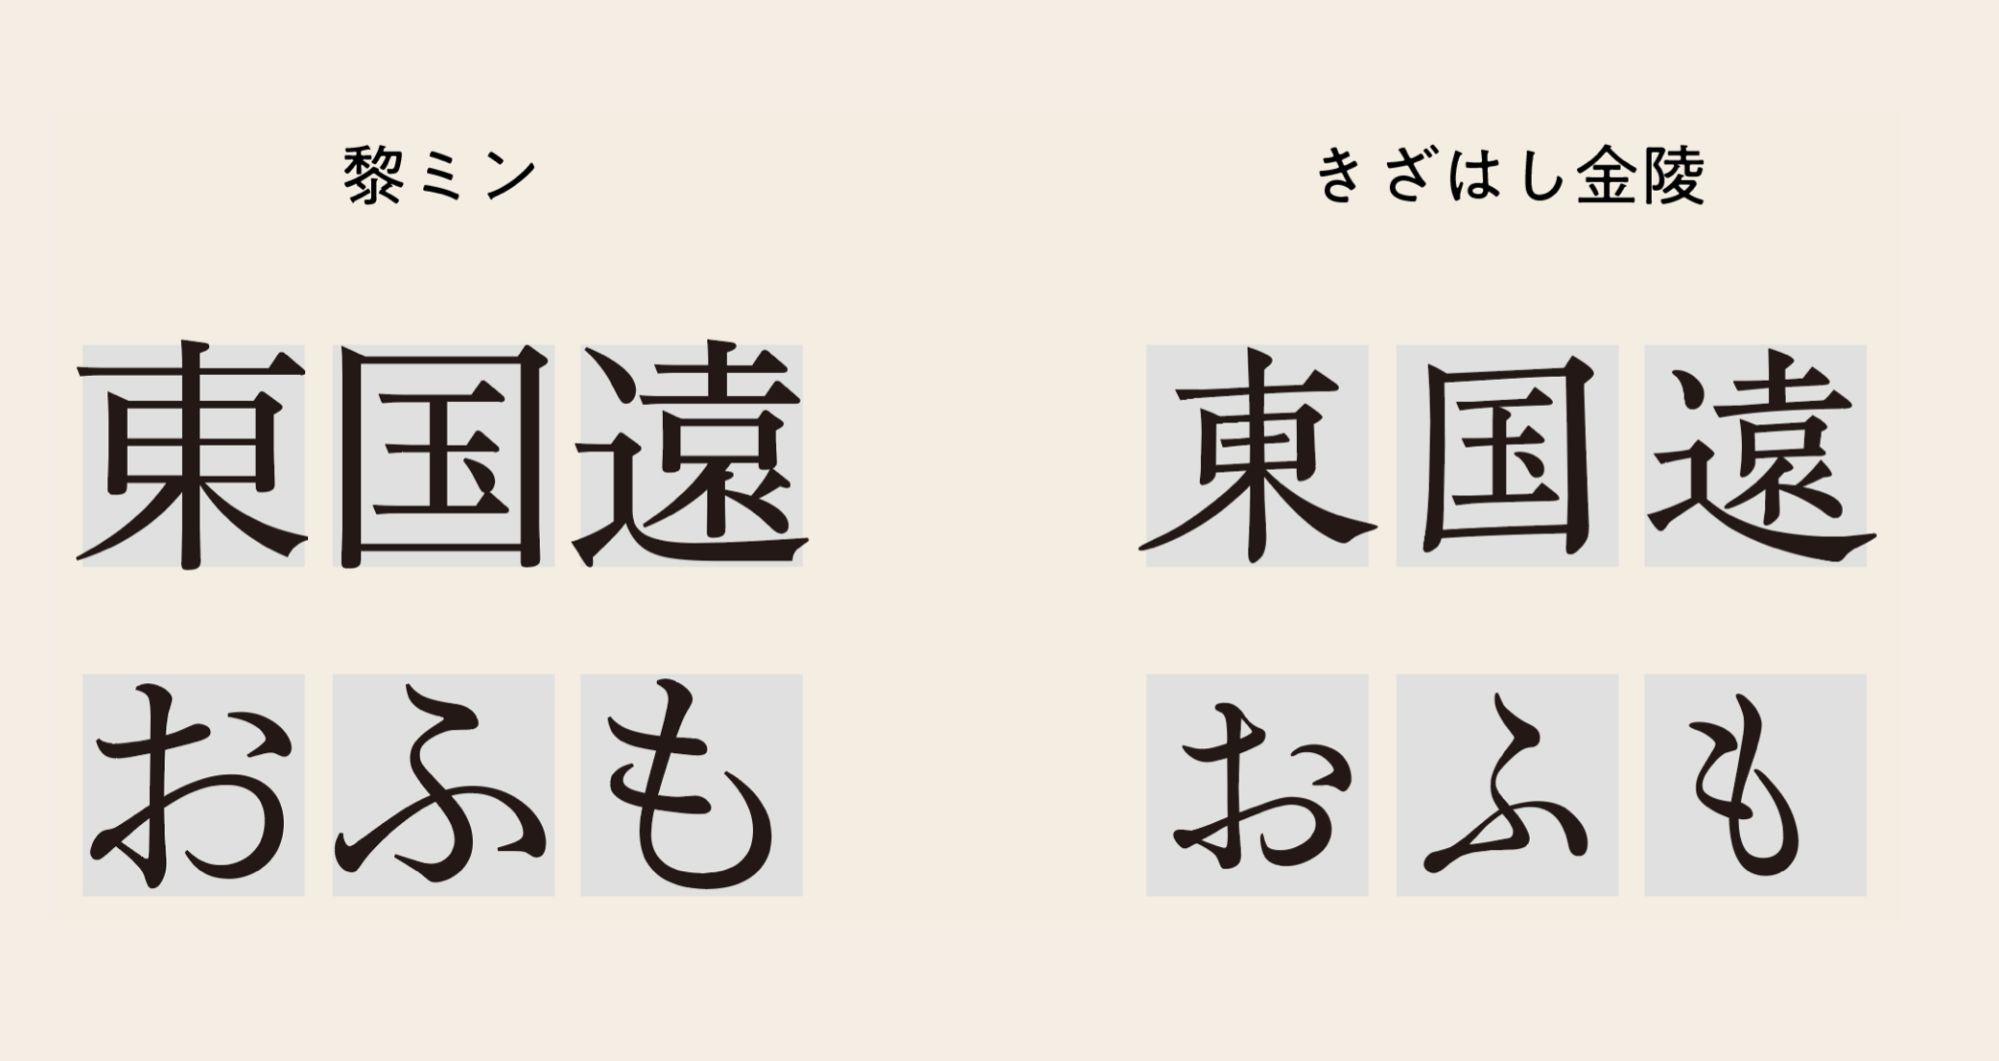 フォントの説明